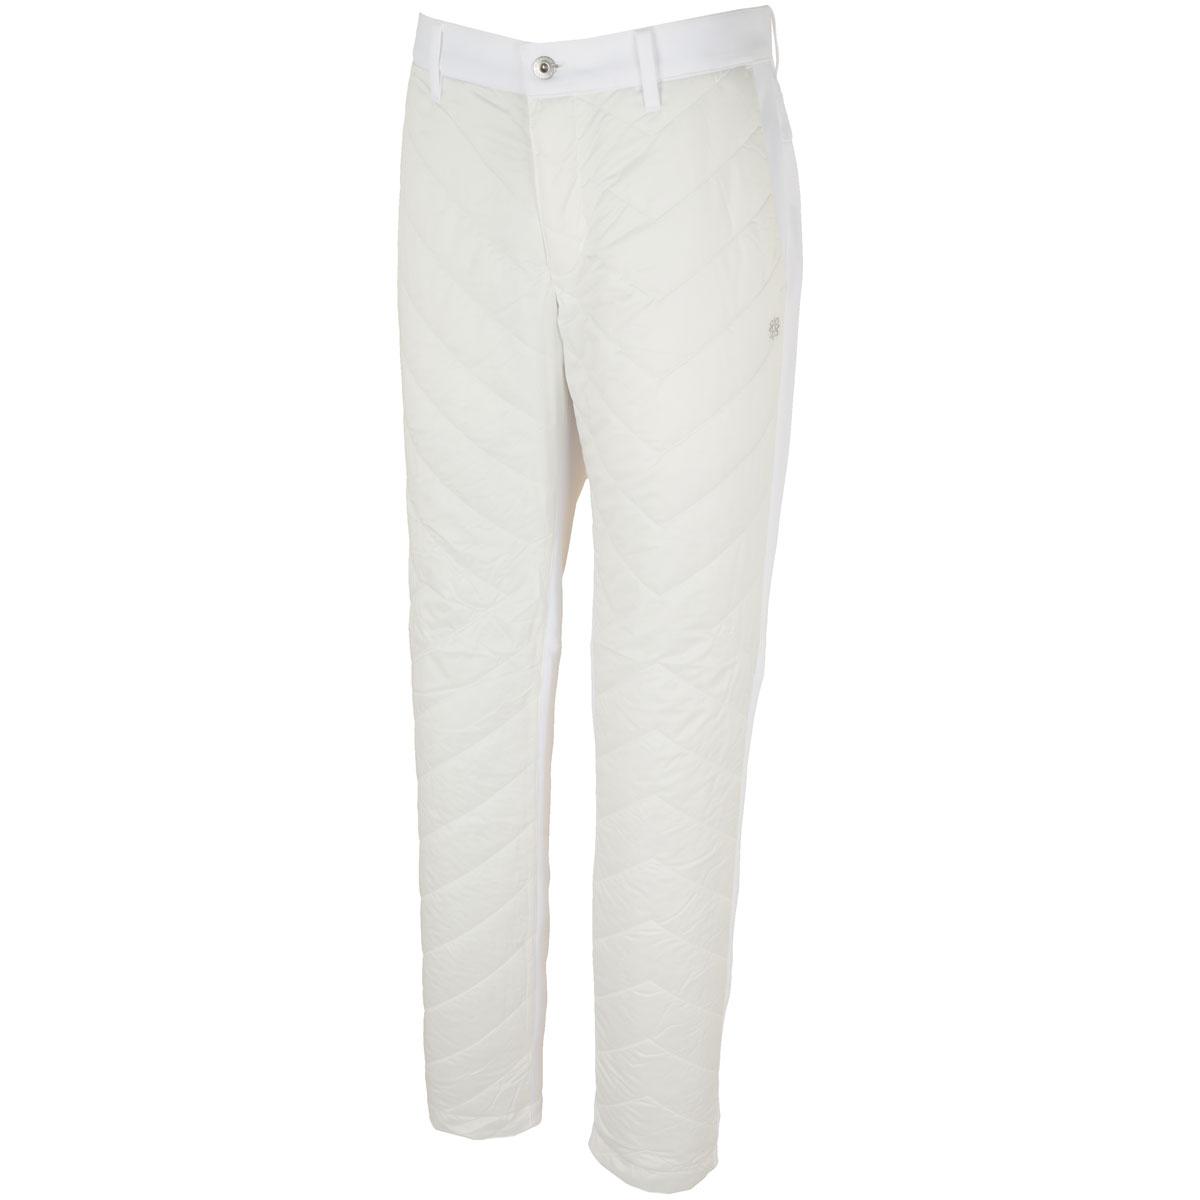 WhiteLabel 高密度タフタ薄中綿パンツ